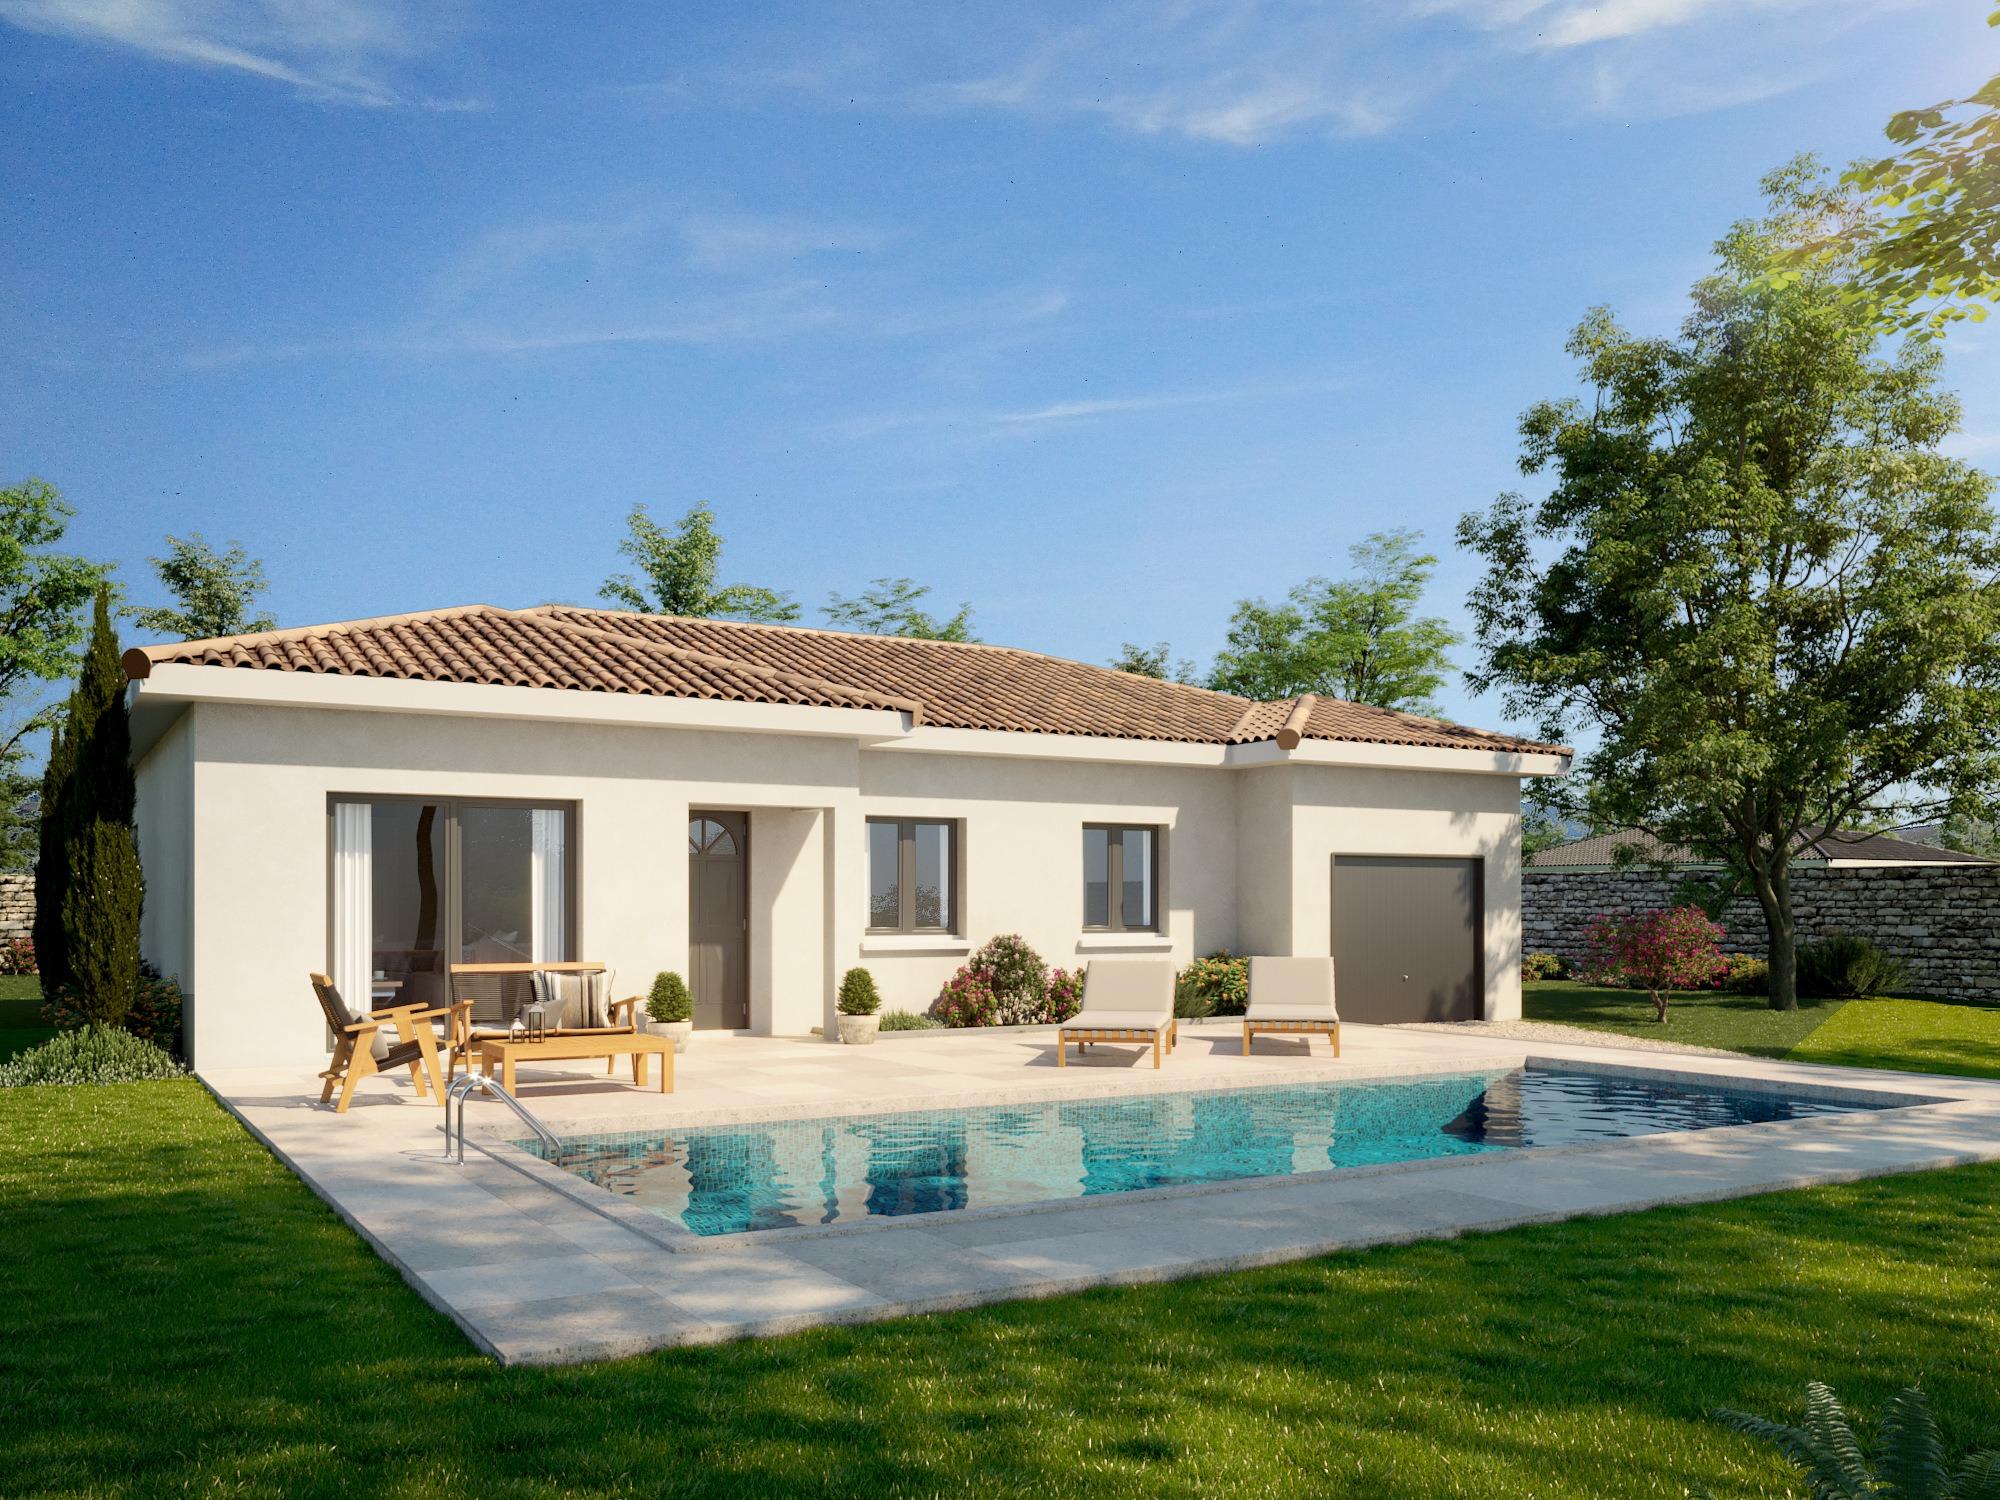 Maisons + Terrains du constructeur MAISONS PUNCH • 105 m² • SAINT CHAMOND